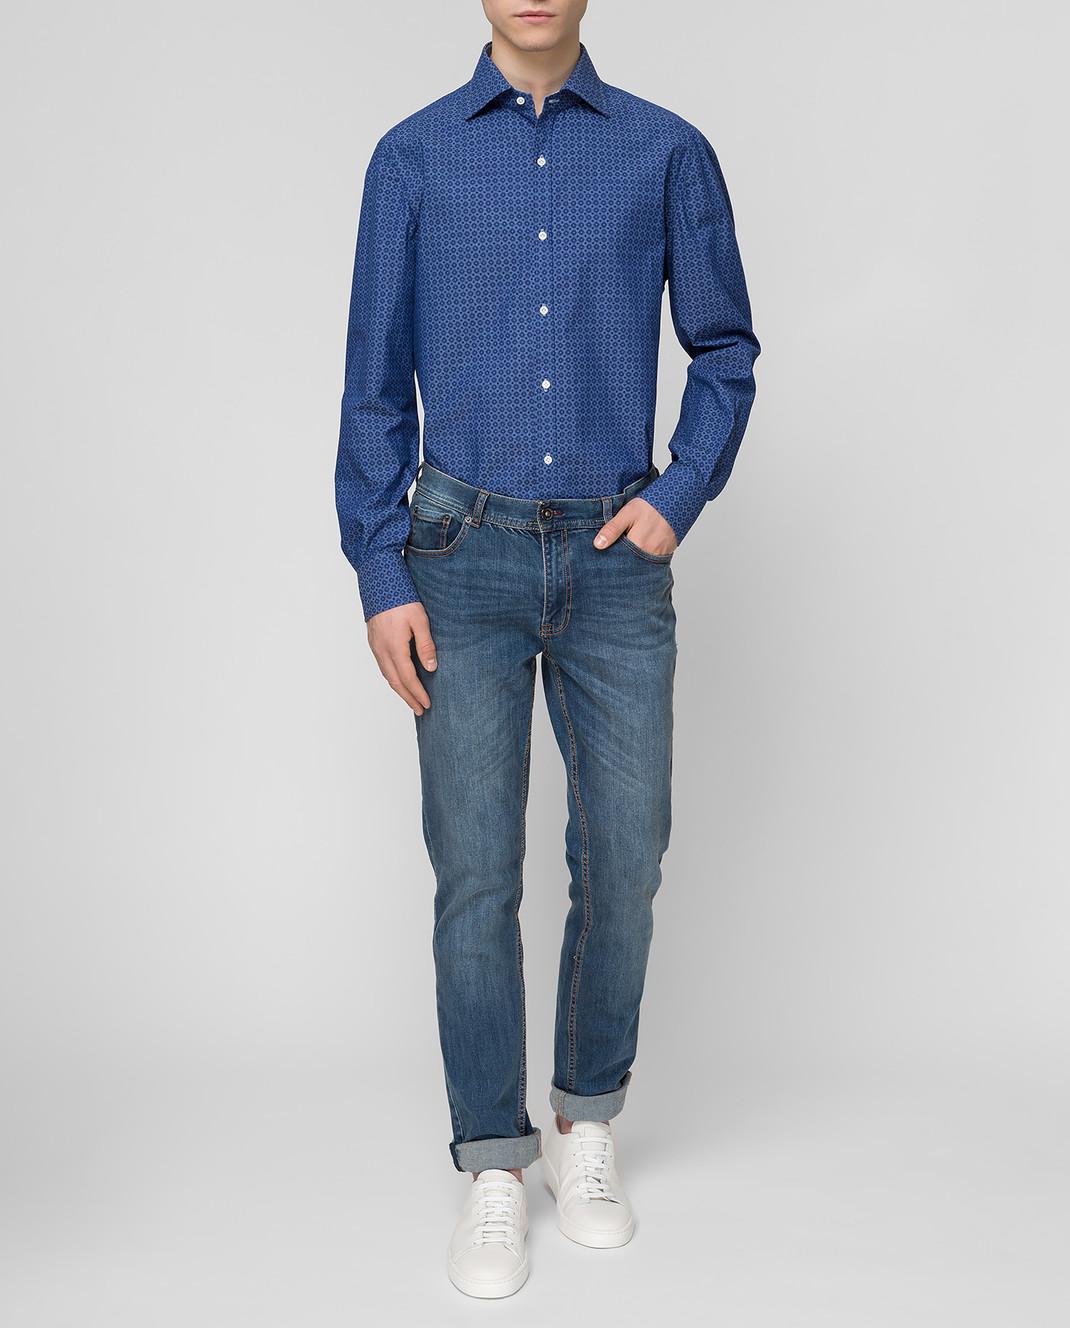 ISAIA Синяя рубашка CAM088C6083 изображение 2